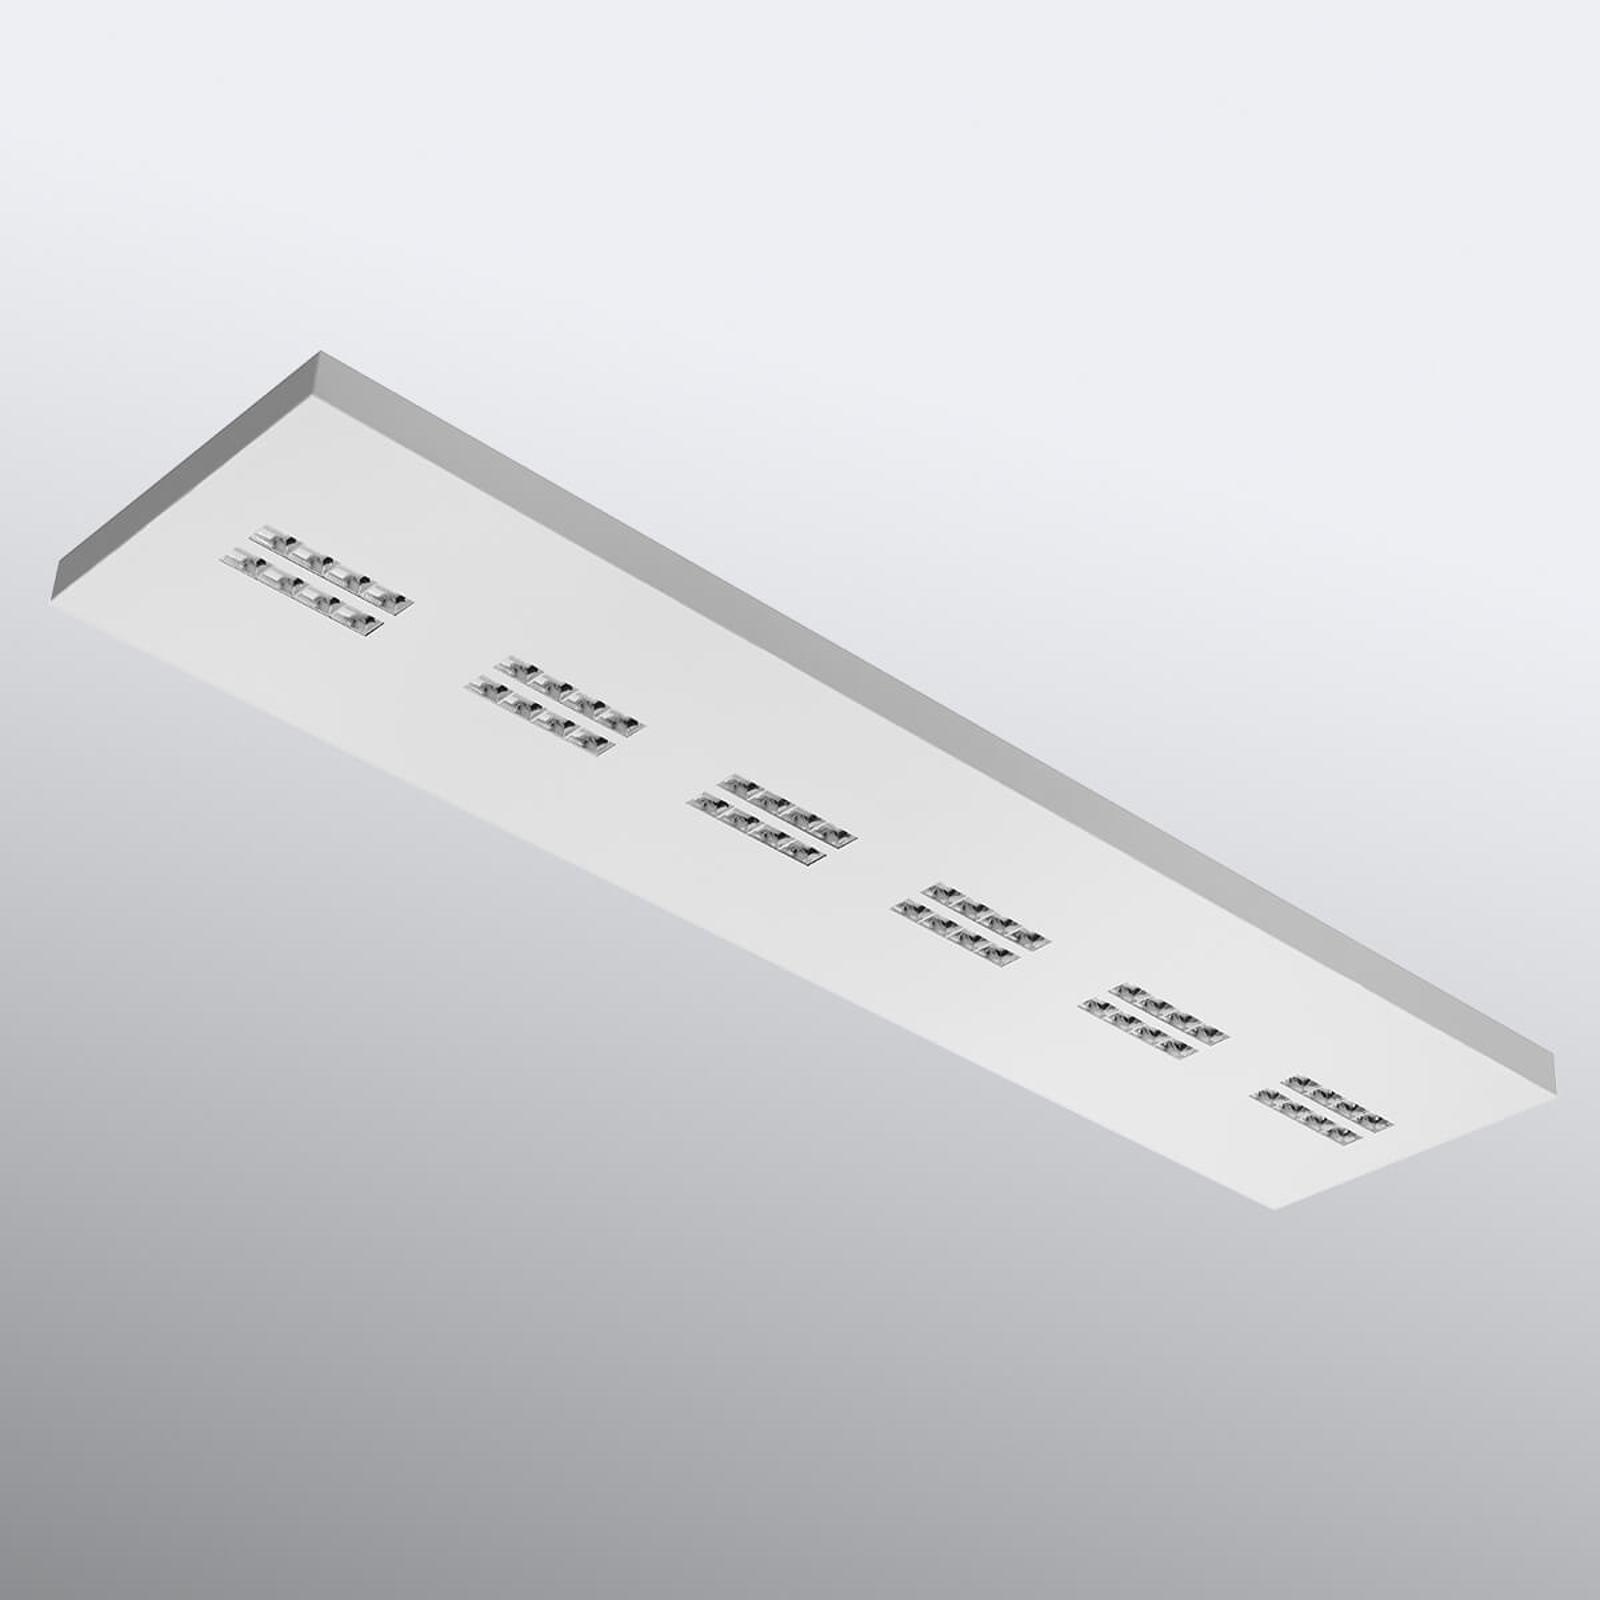 Declan II - rechteckige LED-Deckenlampe, 3.000 K